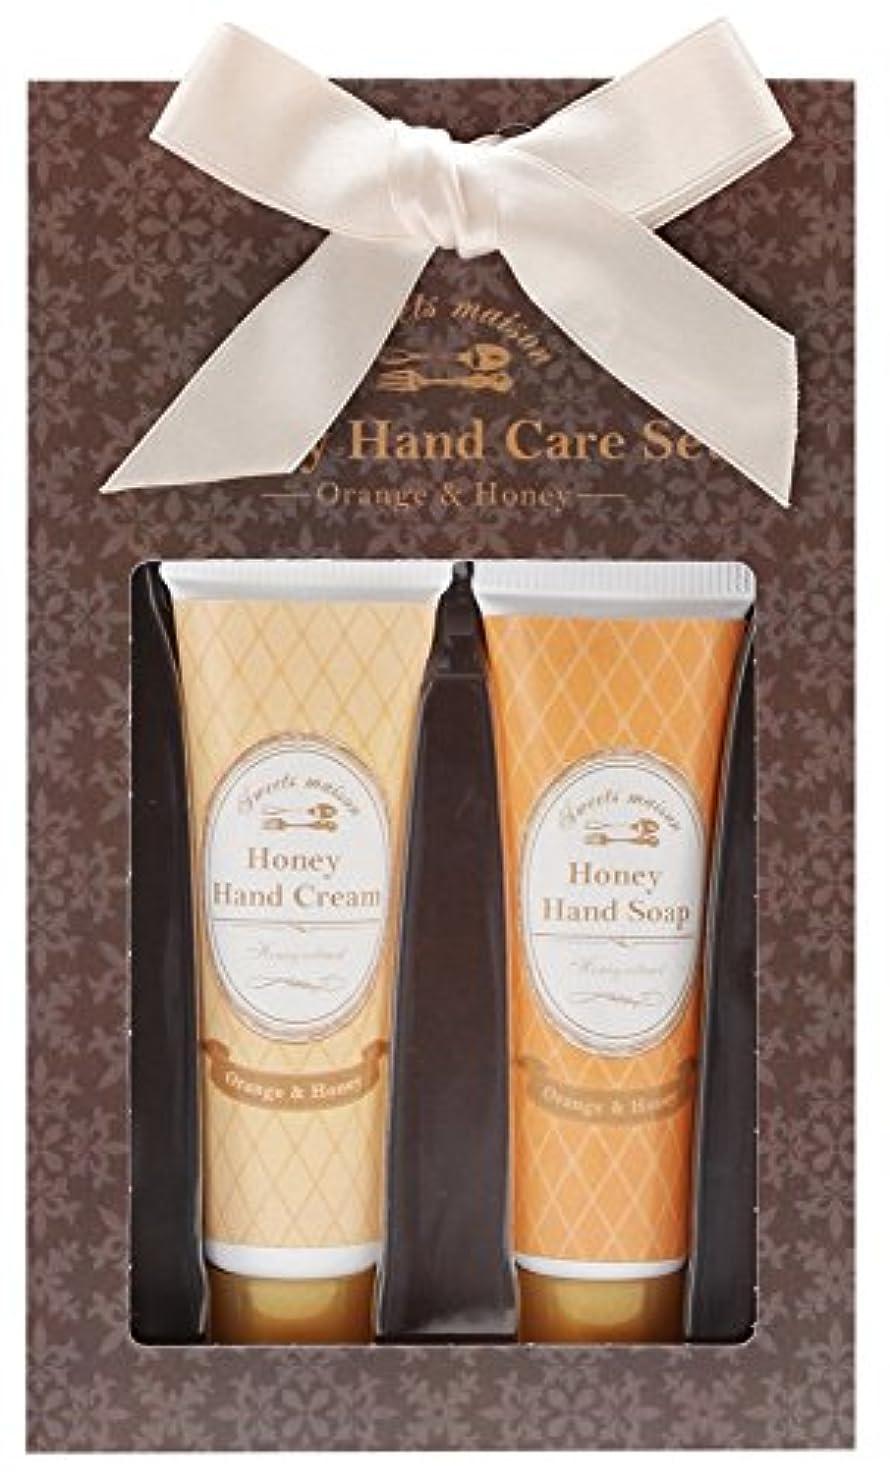 ホイップ農夫割り込みノルコーポレーション ハンドクリーム ハンドソープ ハニーハンドケアセット オレンジ&ハニーの香り OB-SMP-7-1